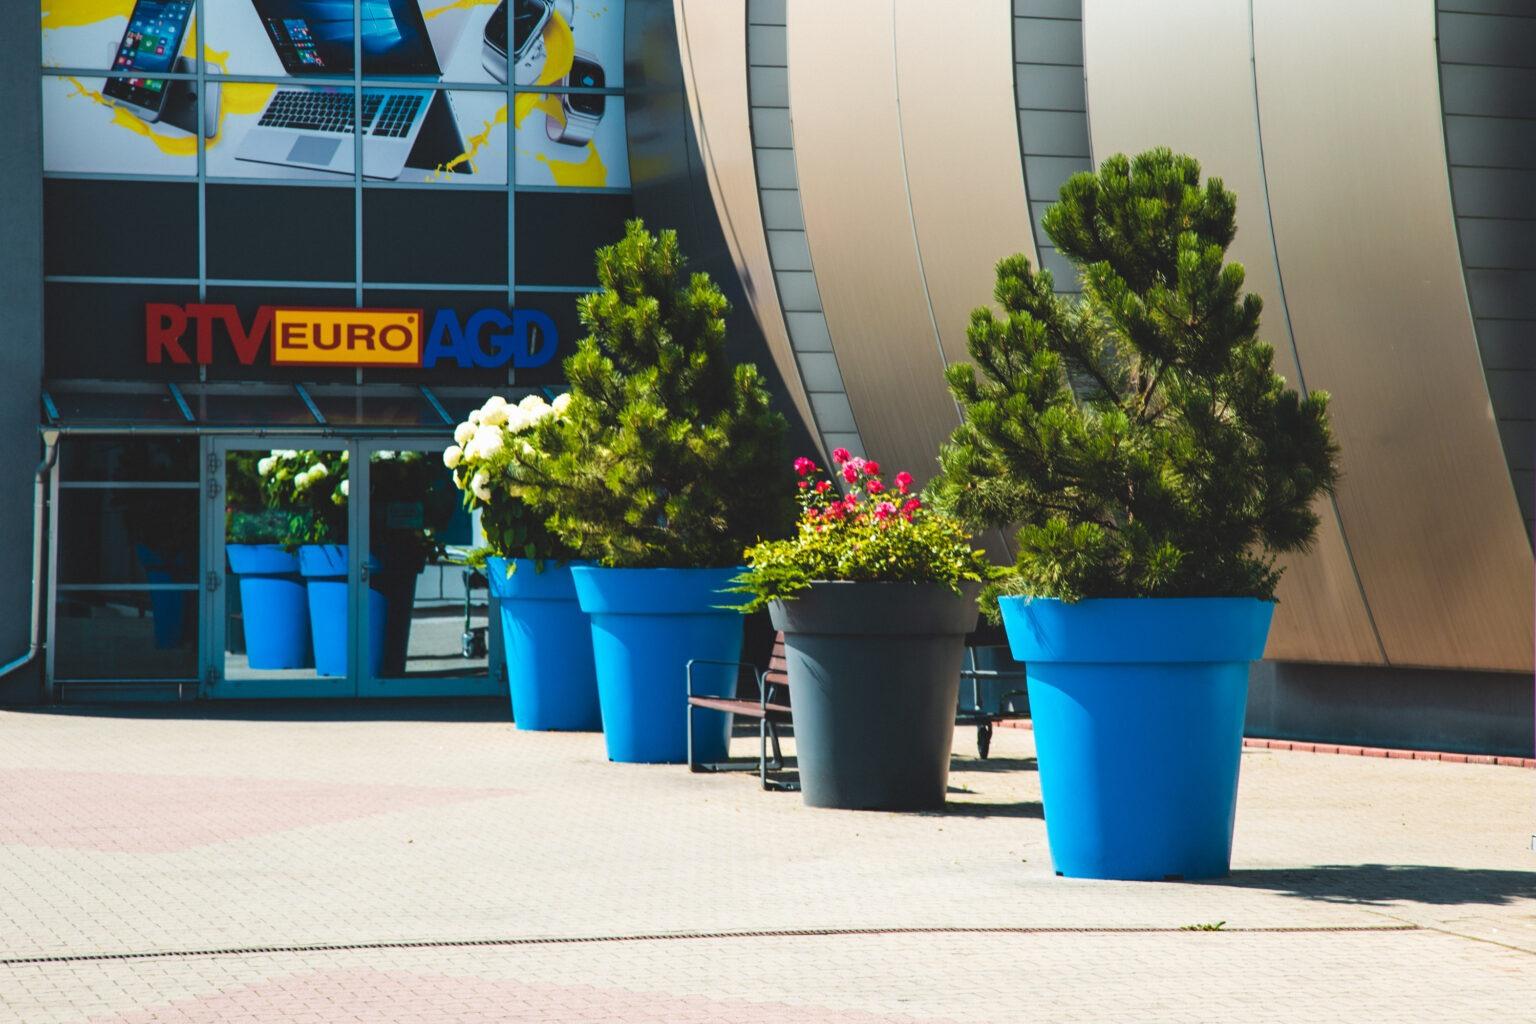 Ein (un)gewöhnlicher Parkplatz. Stadtblumentöpfe verändern den Raum!